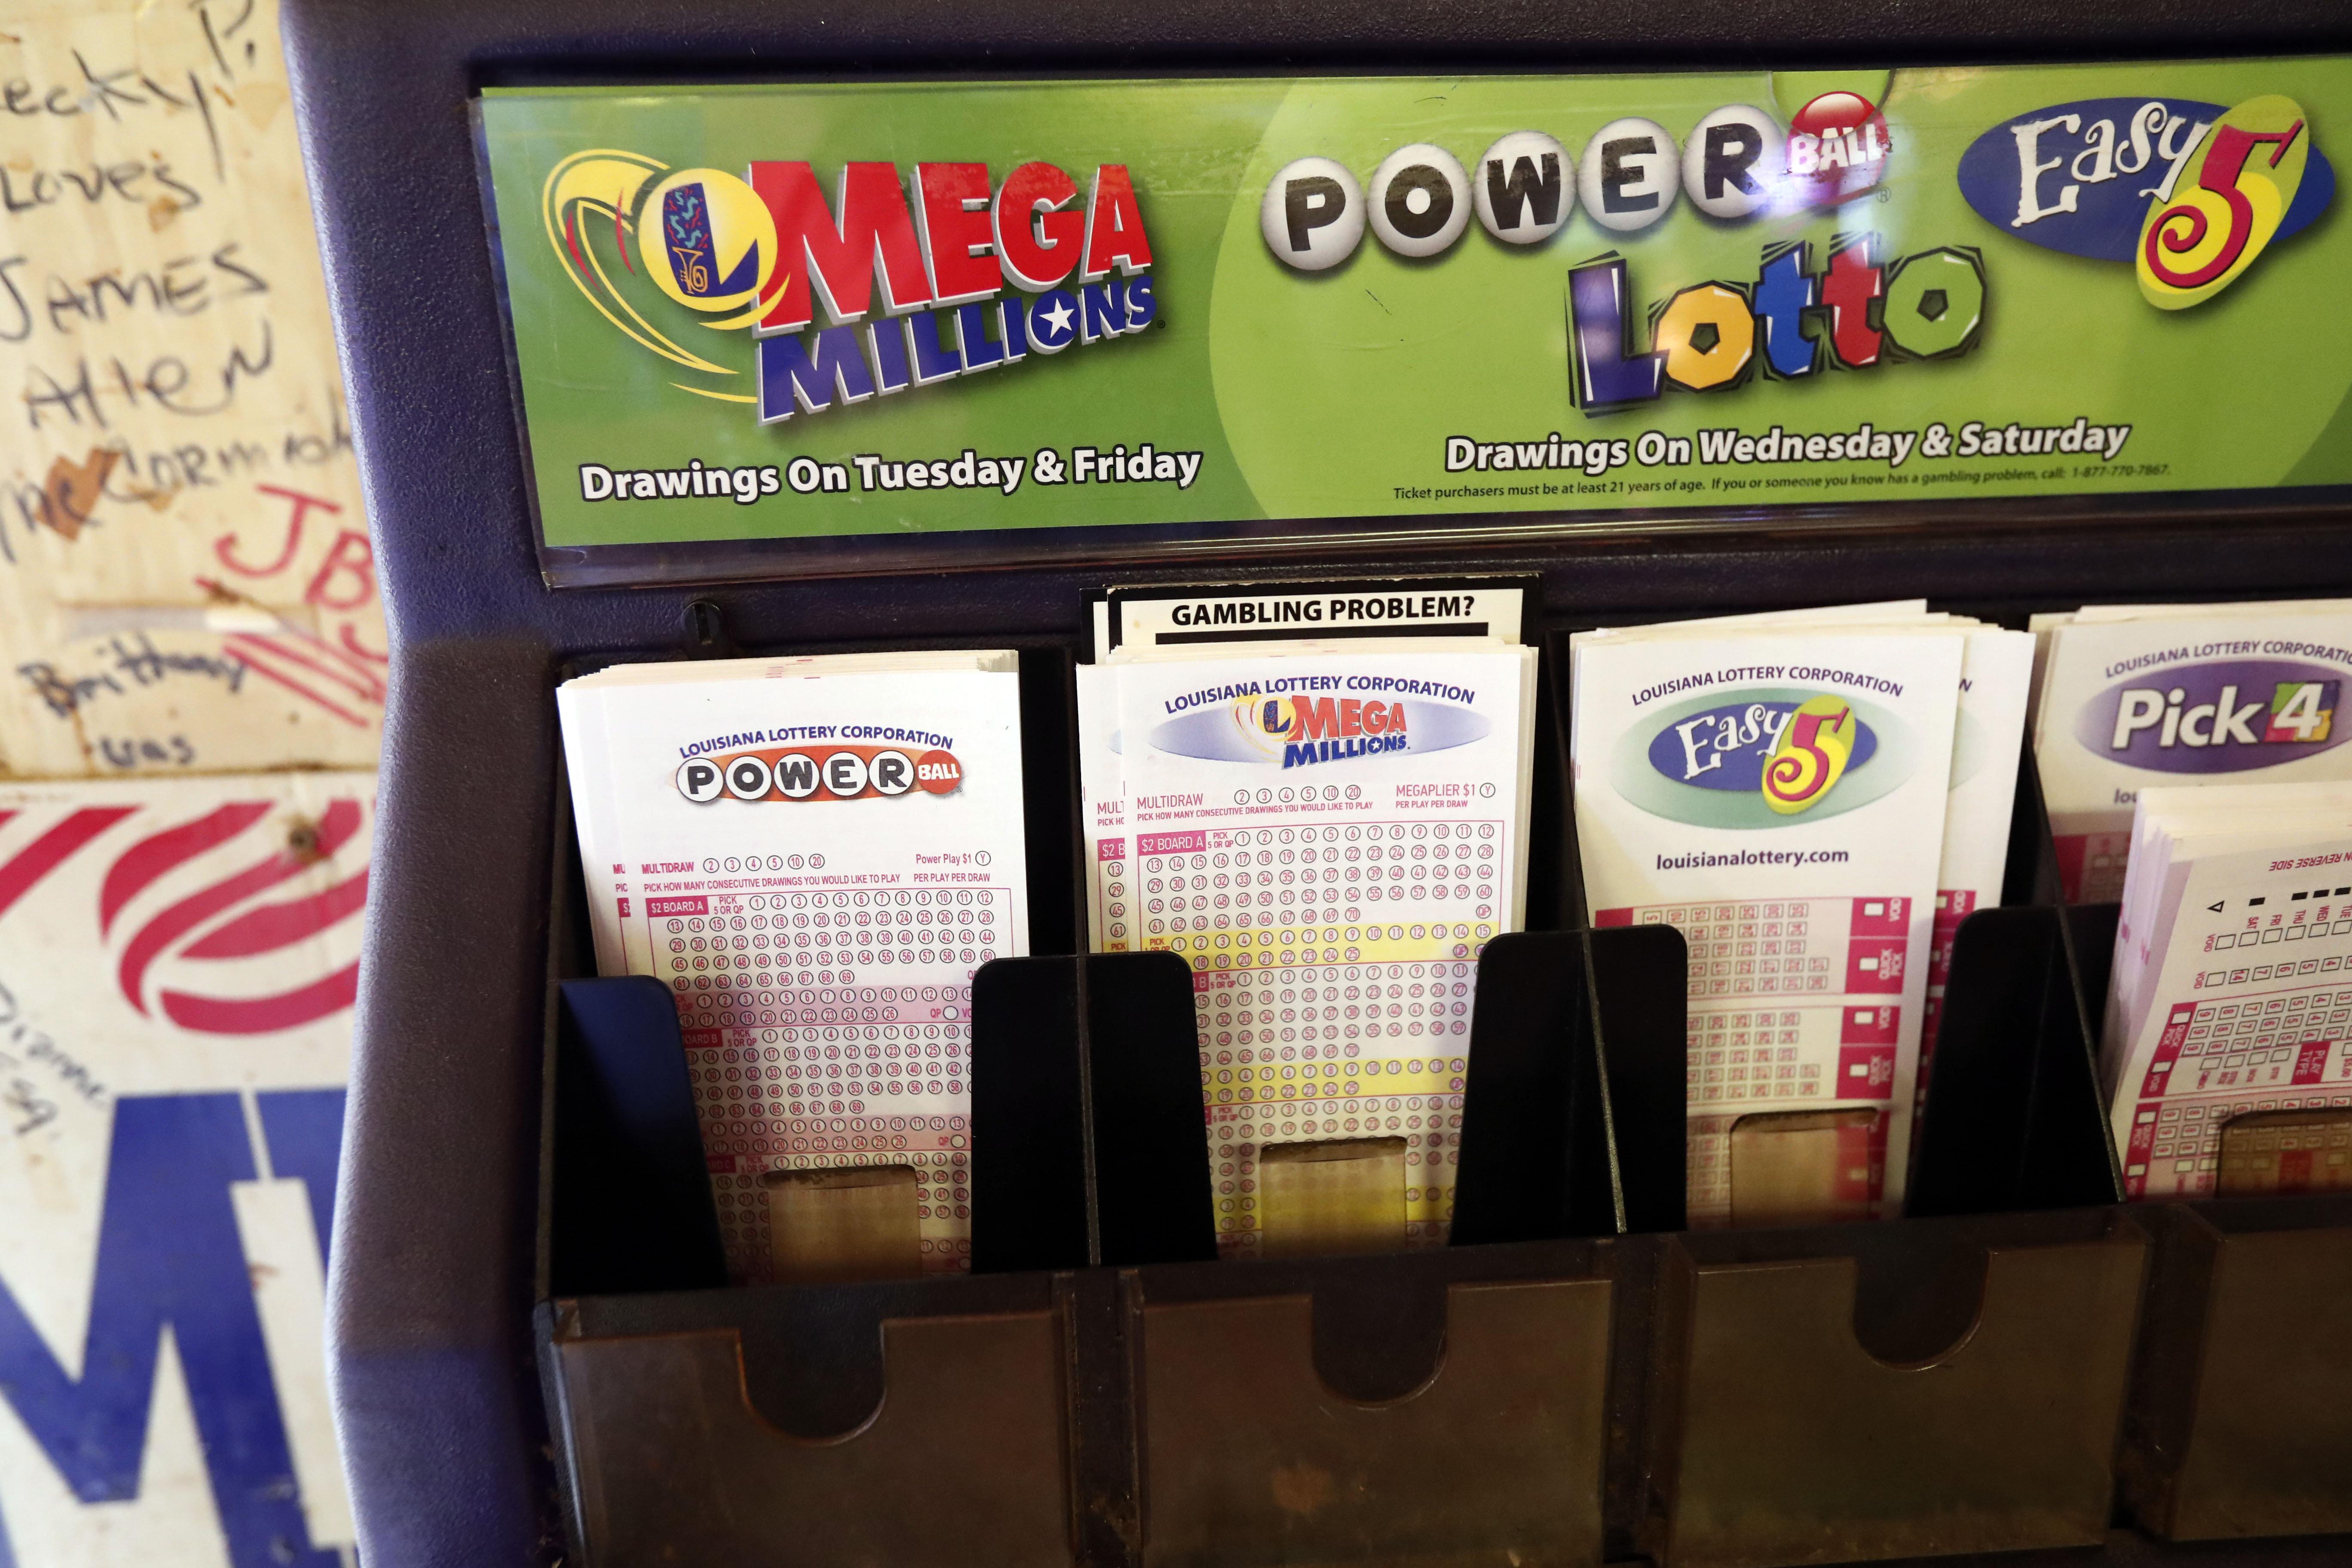 ARCHIVO- La imagen de archivo del martes 23 de octubre de 2018 muestra boletas de lotería en un mostrador de Louisiana Mega Millions, Powerball y otros juegos en The World Bar and Grill, en Delta, Luisiana. (AP Foto/Rogelio V. Solis, archivo)